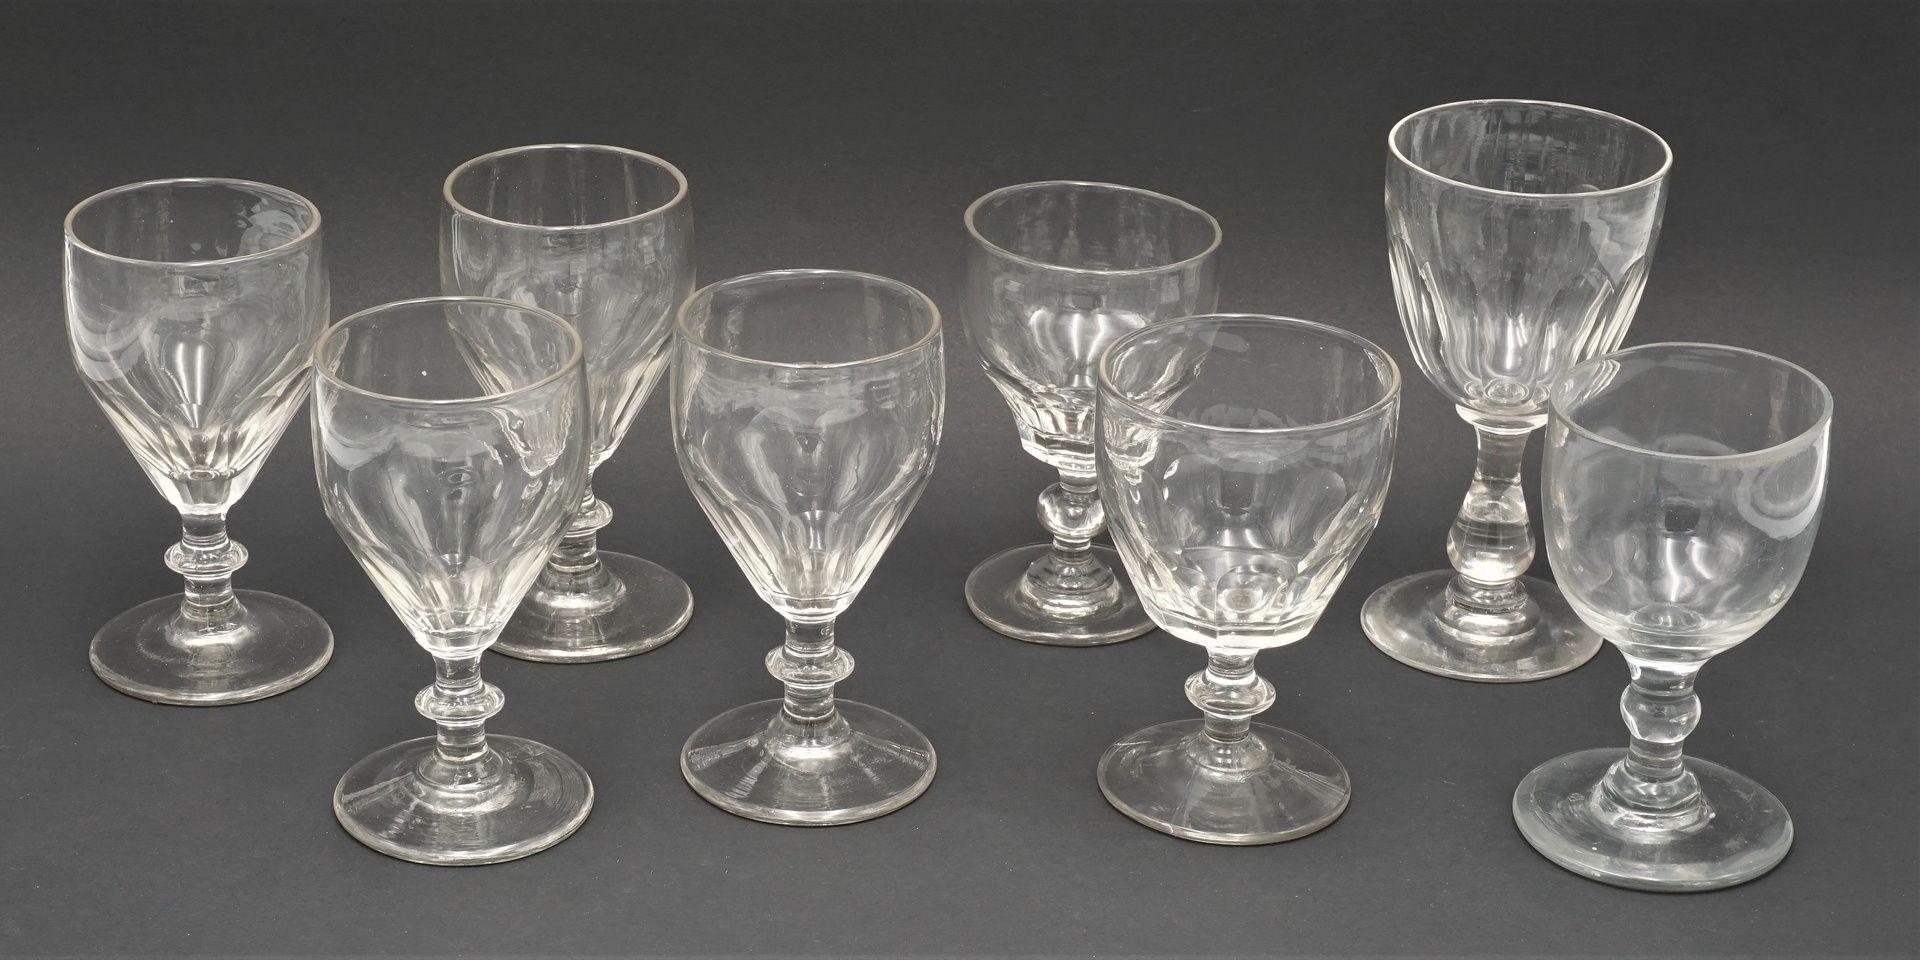 Konvolut 14 Wein- und Schnapsgläser, um 1900 - Bild 4 aus 4